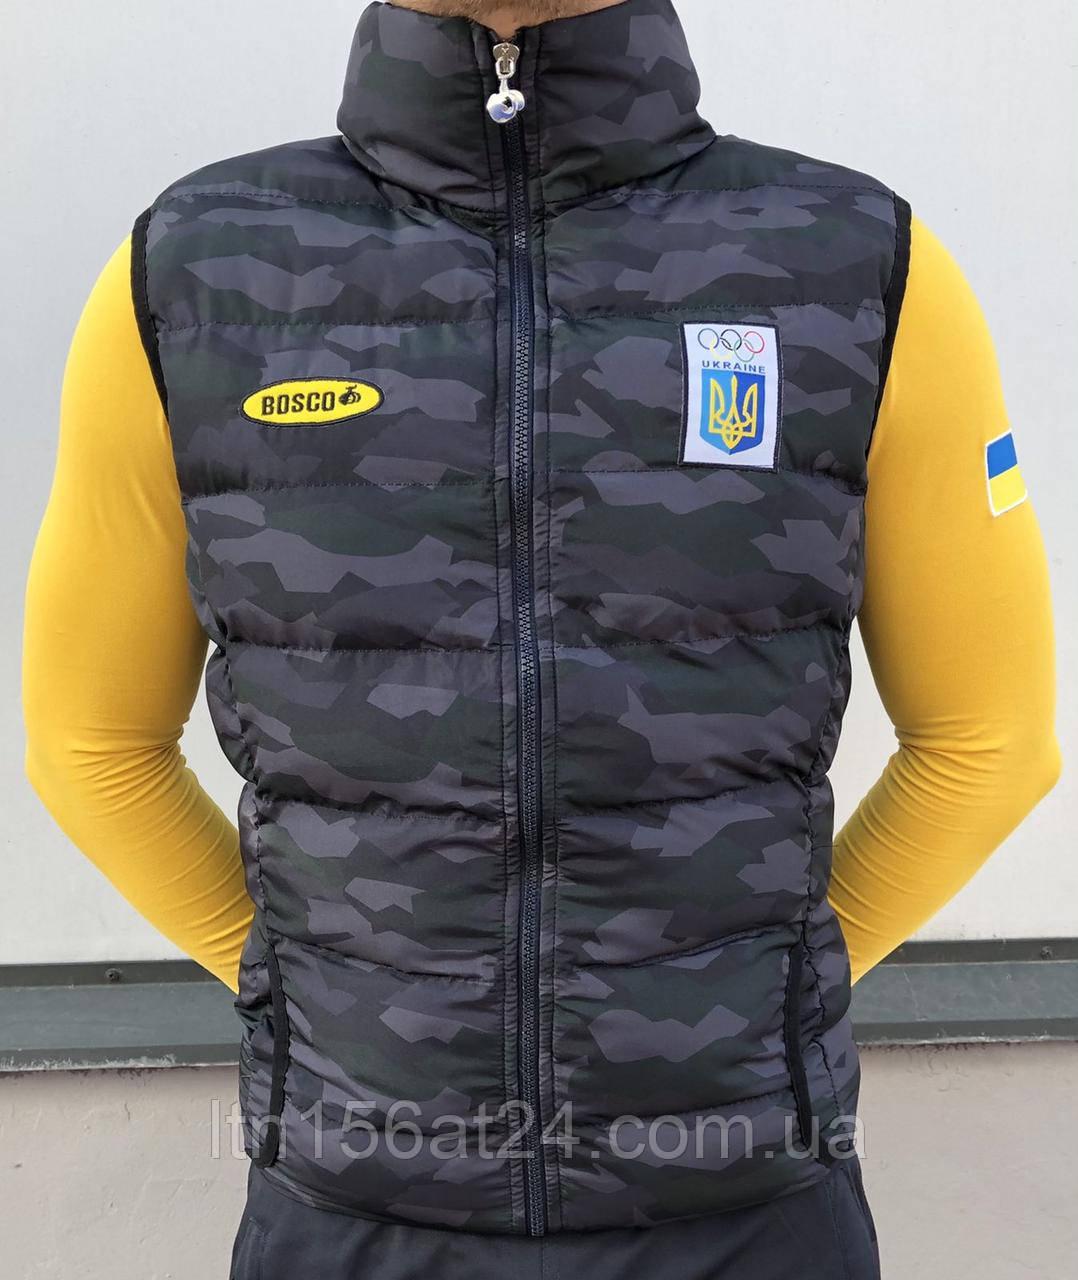 Жилетки Bosco Sport Україна. Камуфляж. Колекція 2021